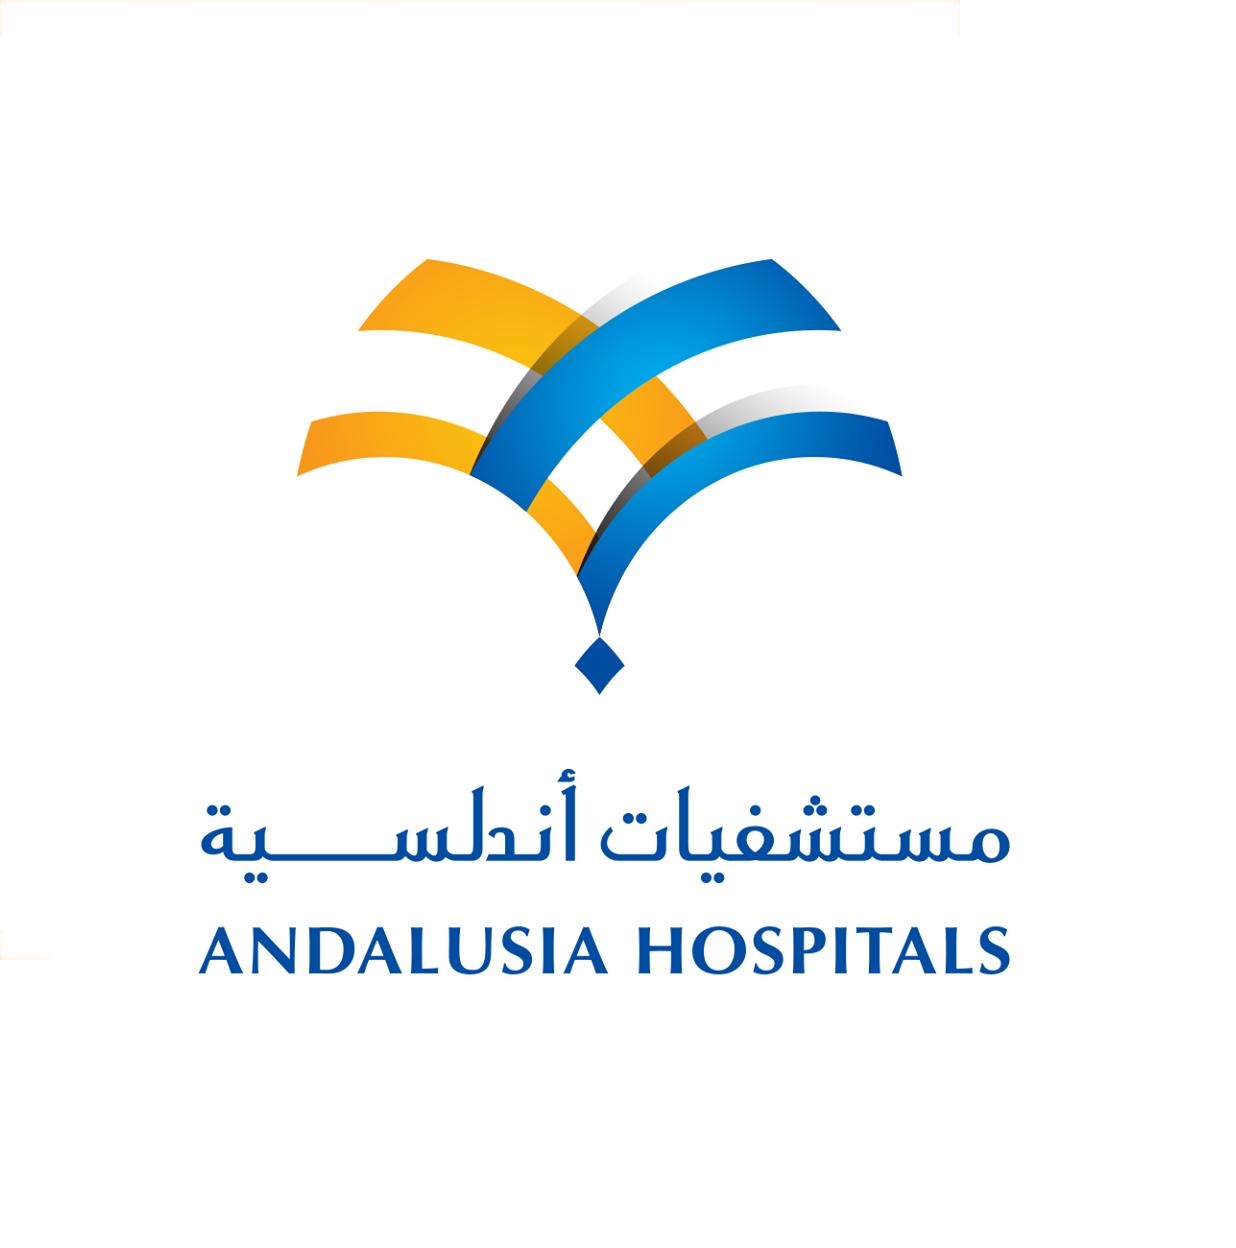 مستشفى الاندلسيه